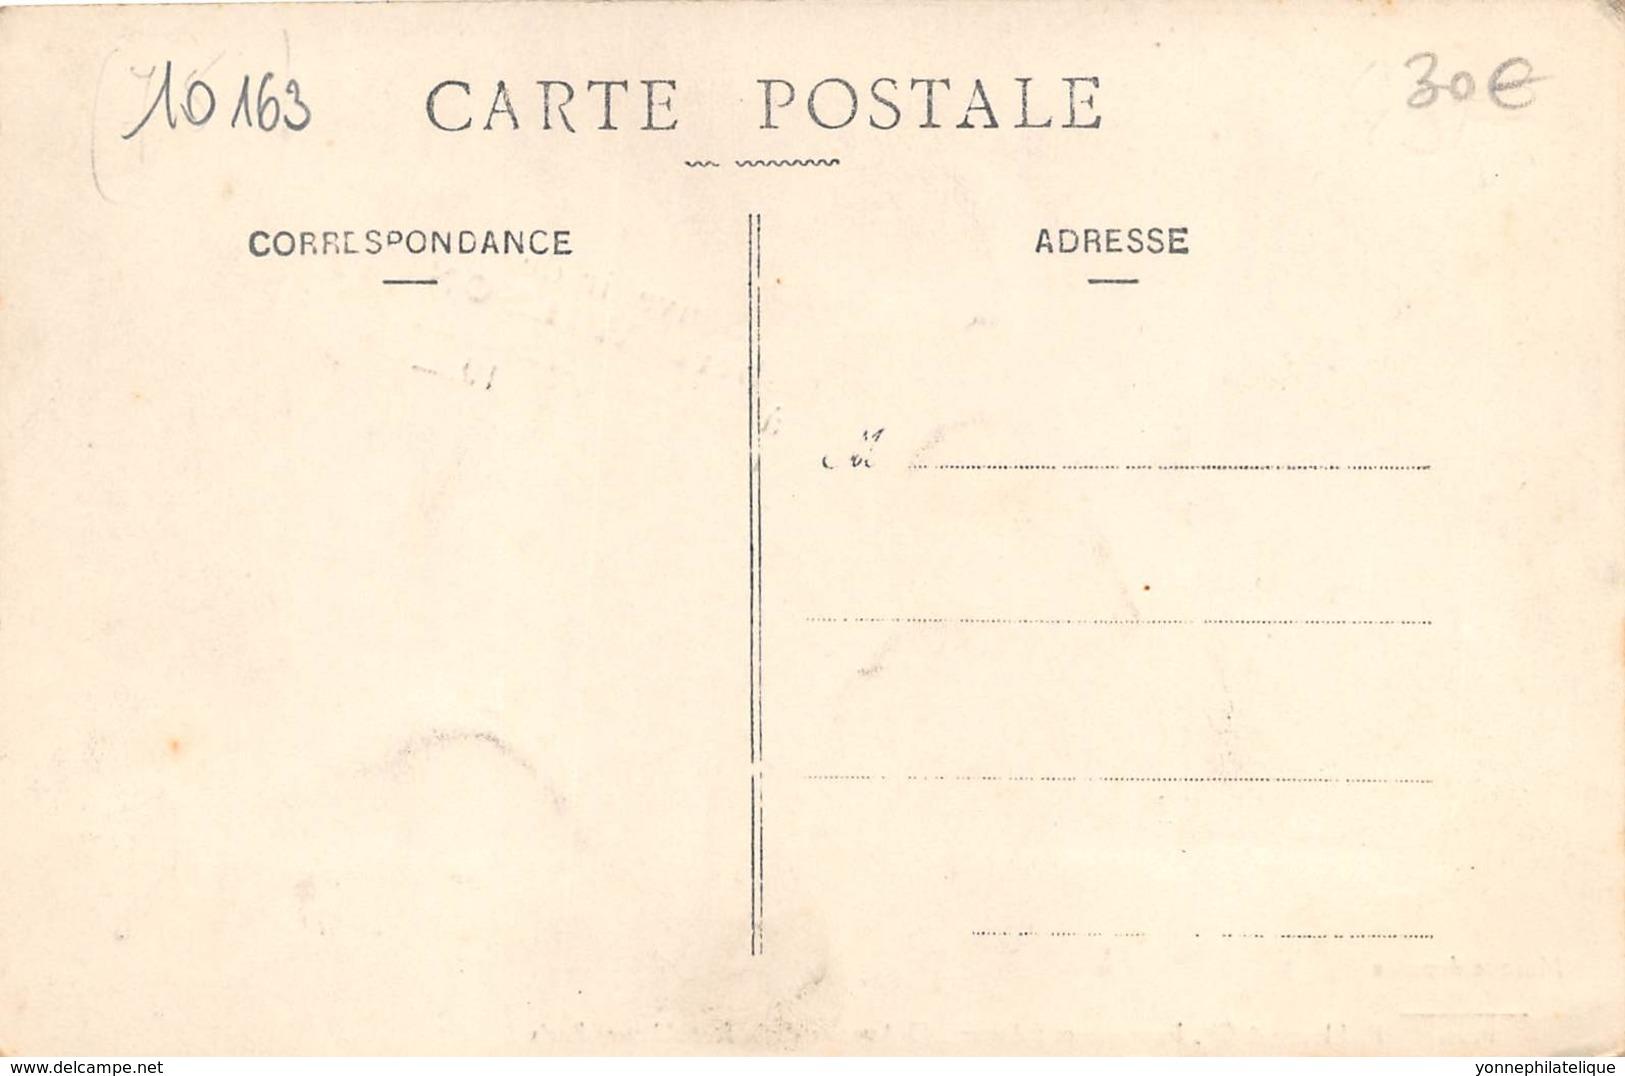 75 - Paris / 10163 - Souvenir De Robert Wilson - L' Homme Cible Autour Du Monde - Other